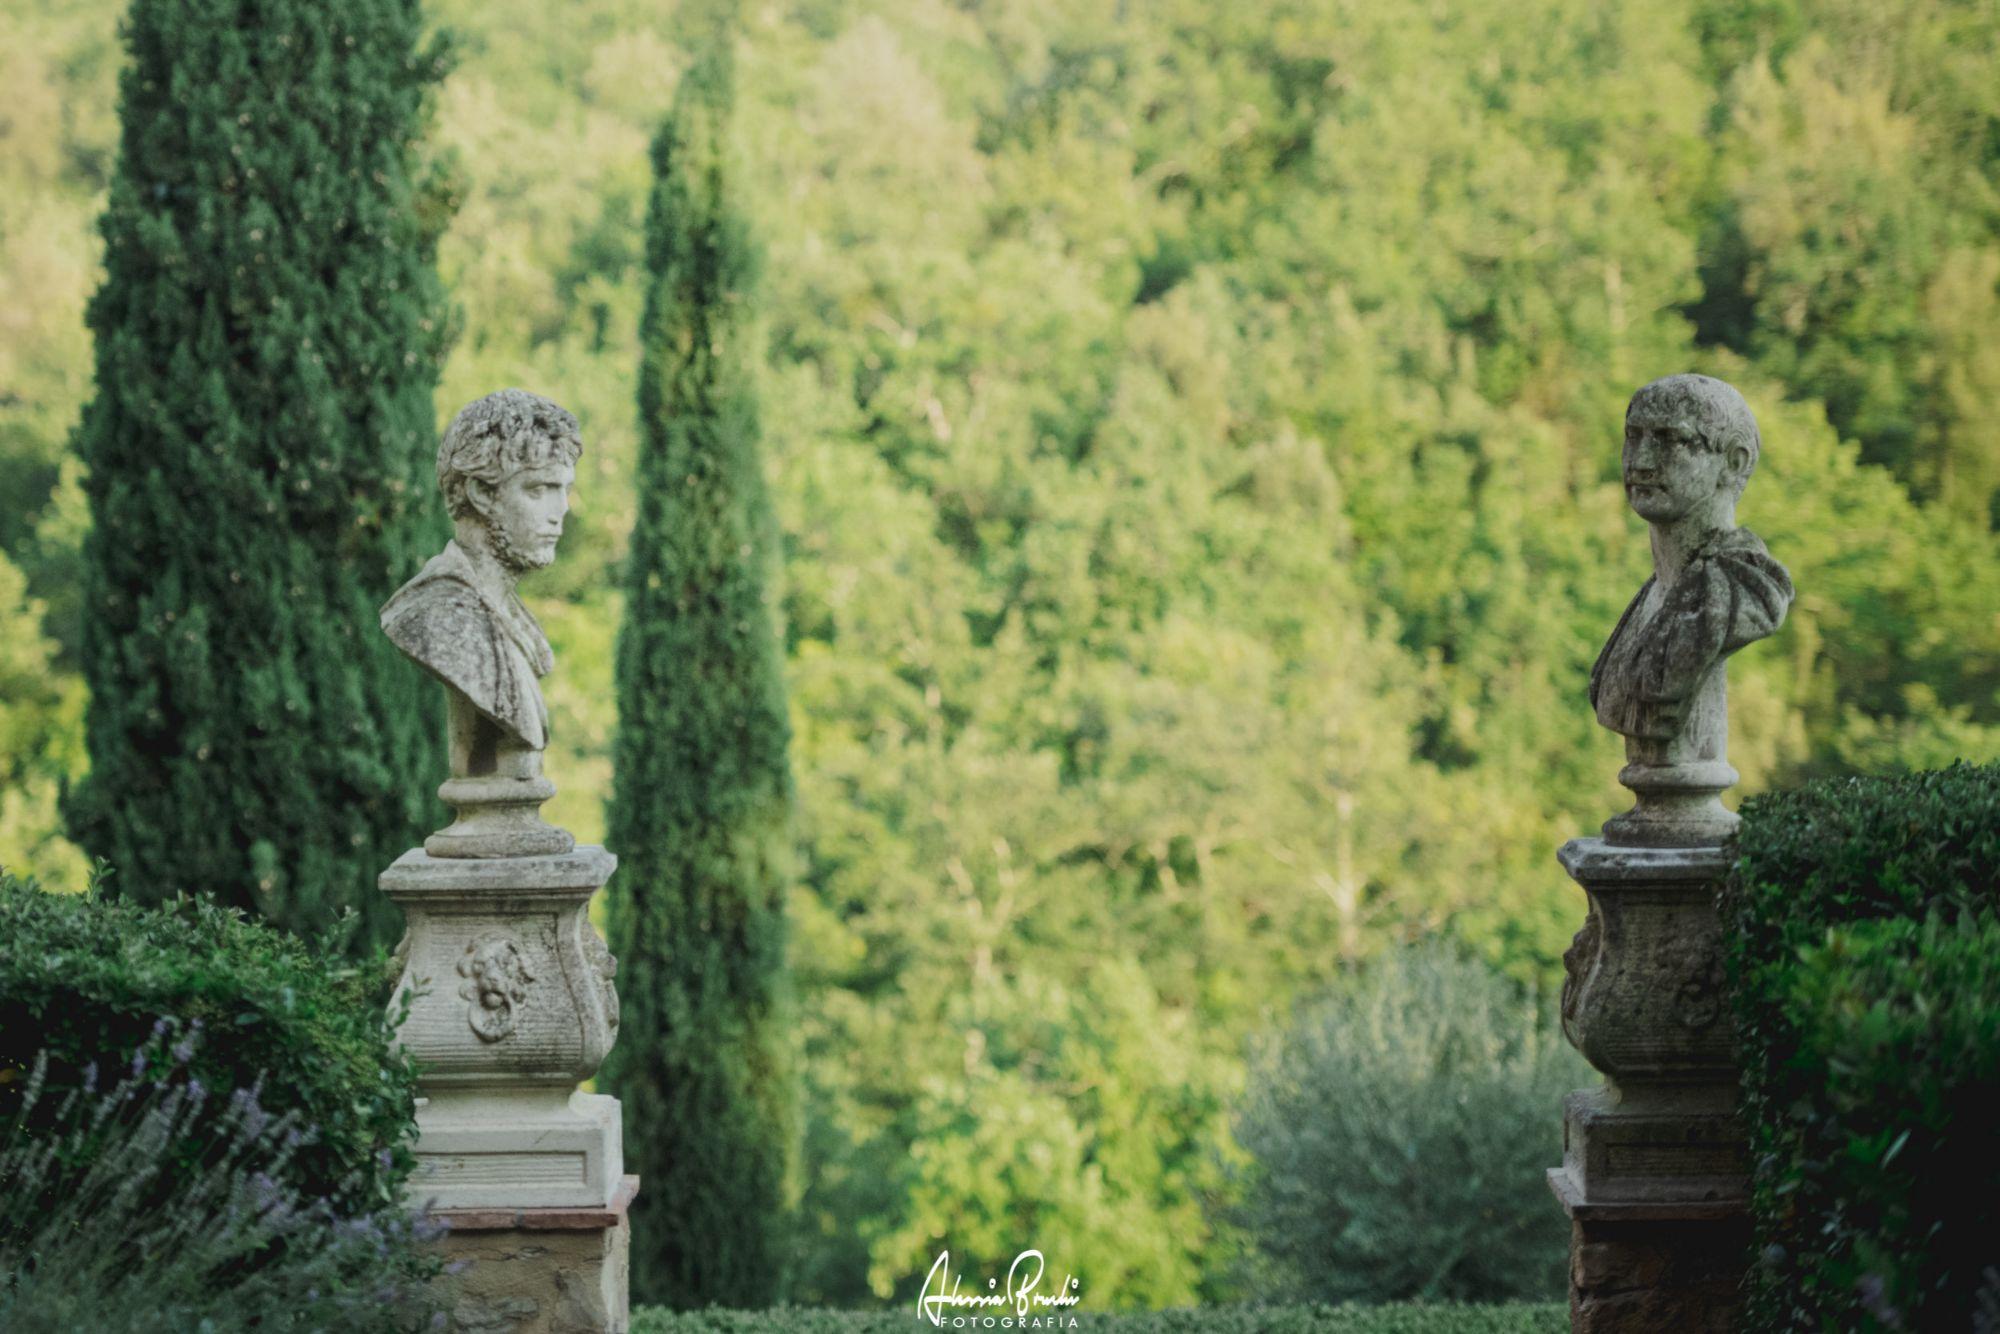 Villa Collalto Colle Val d'Elsa Siena, location eventi e cerimonie siena